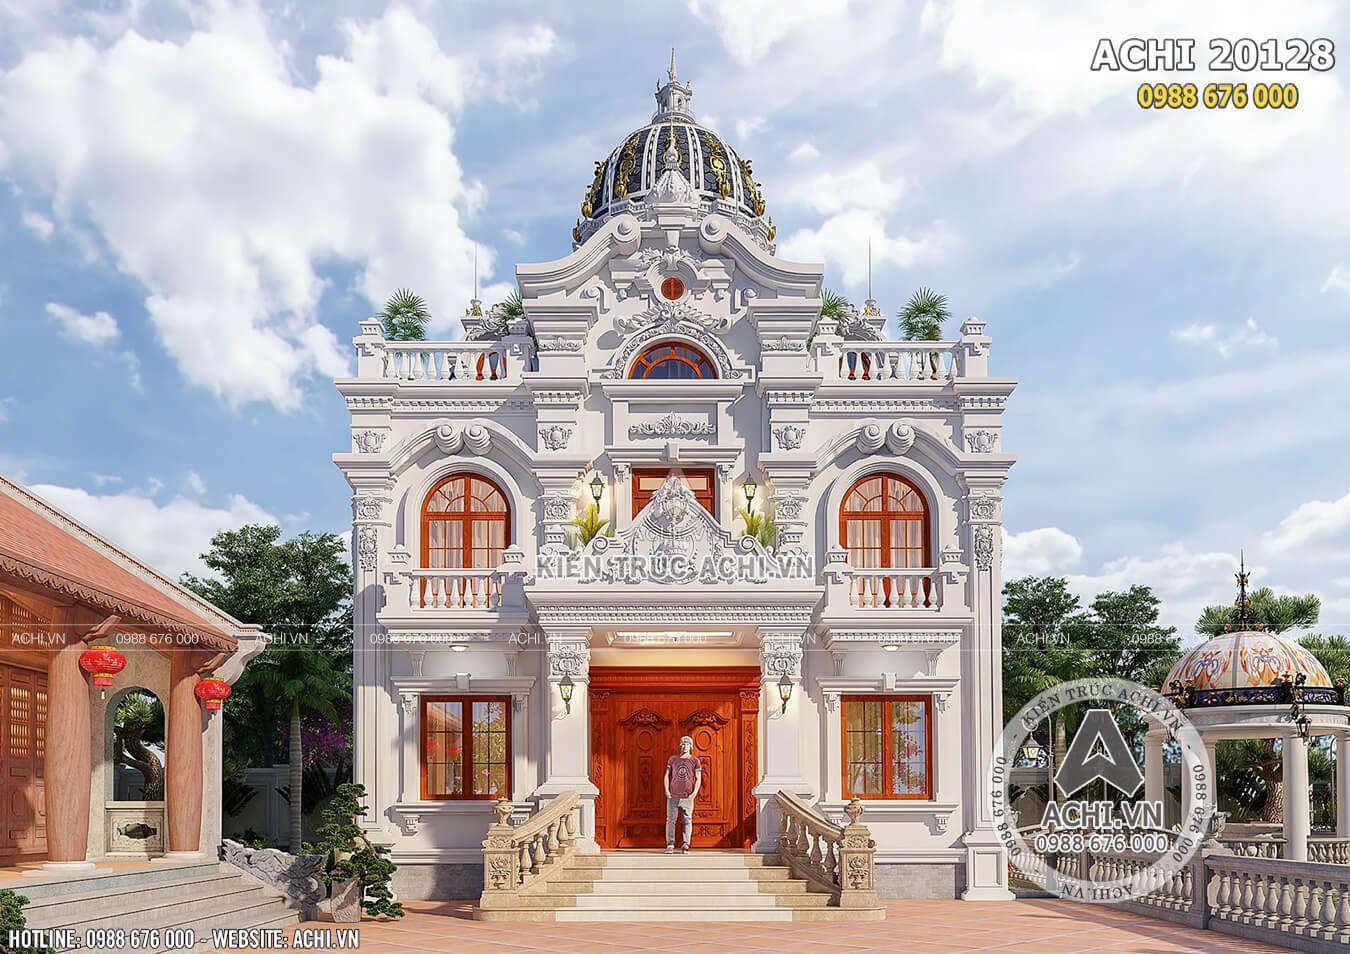 Không gian 3d mặt tiền mẫu biệt thự 2 tầng tân cổ điển tại Ninh Bình - Mã số: ACHI 20128